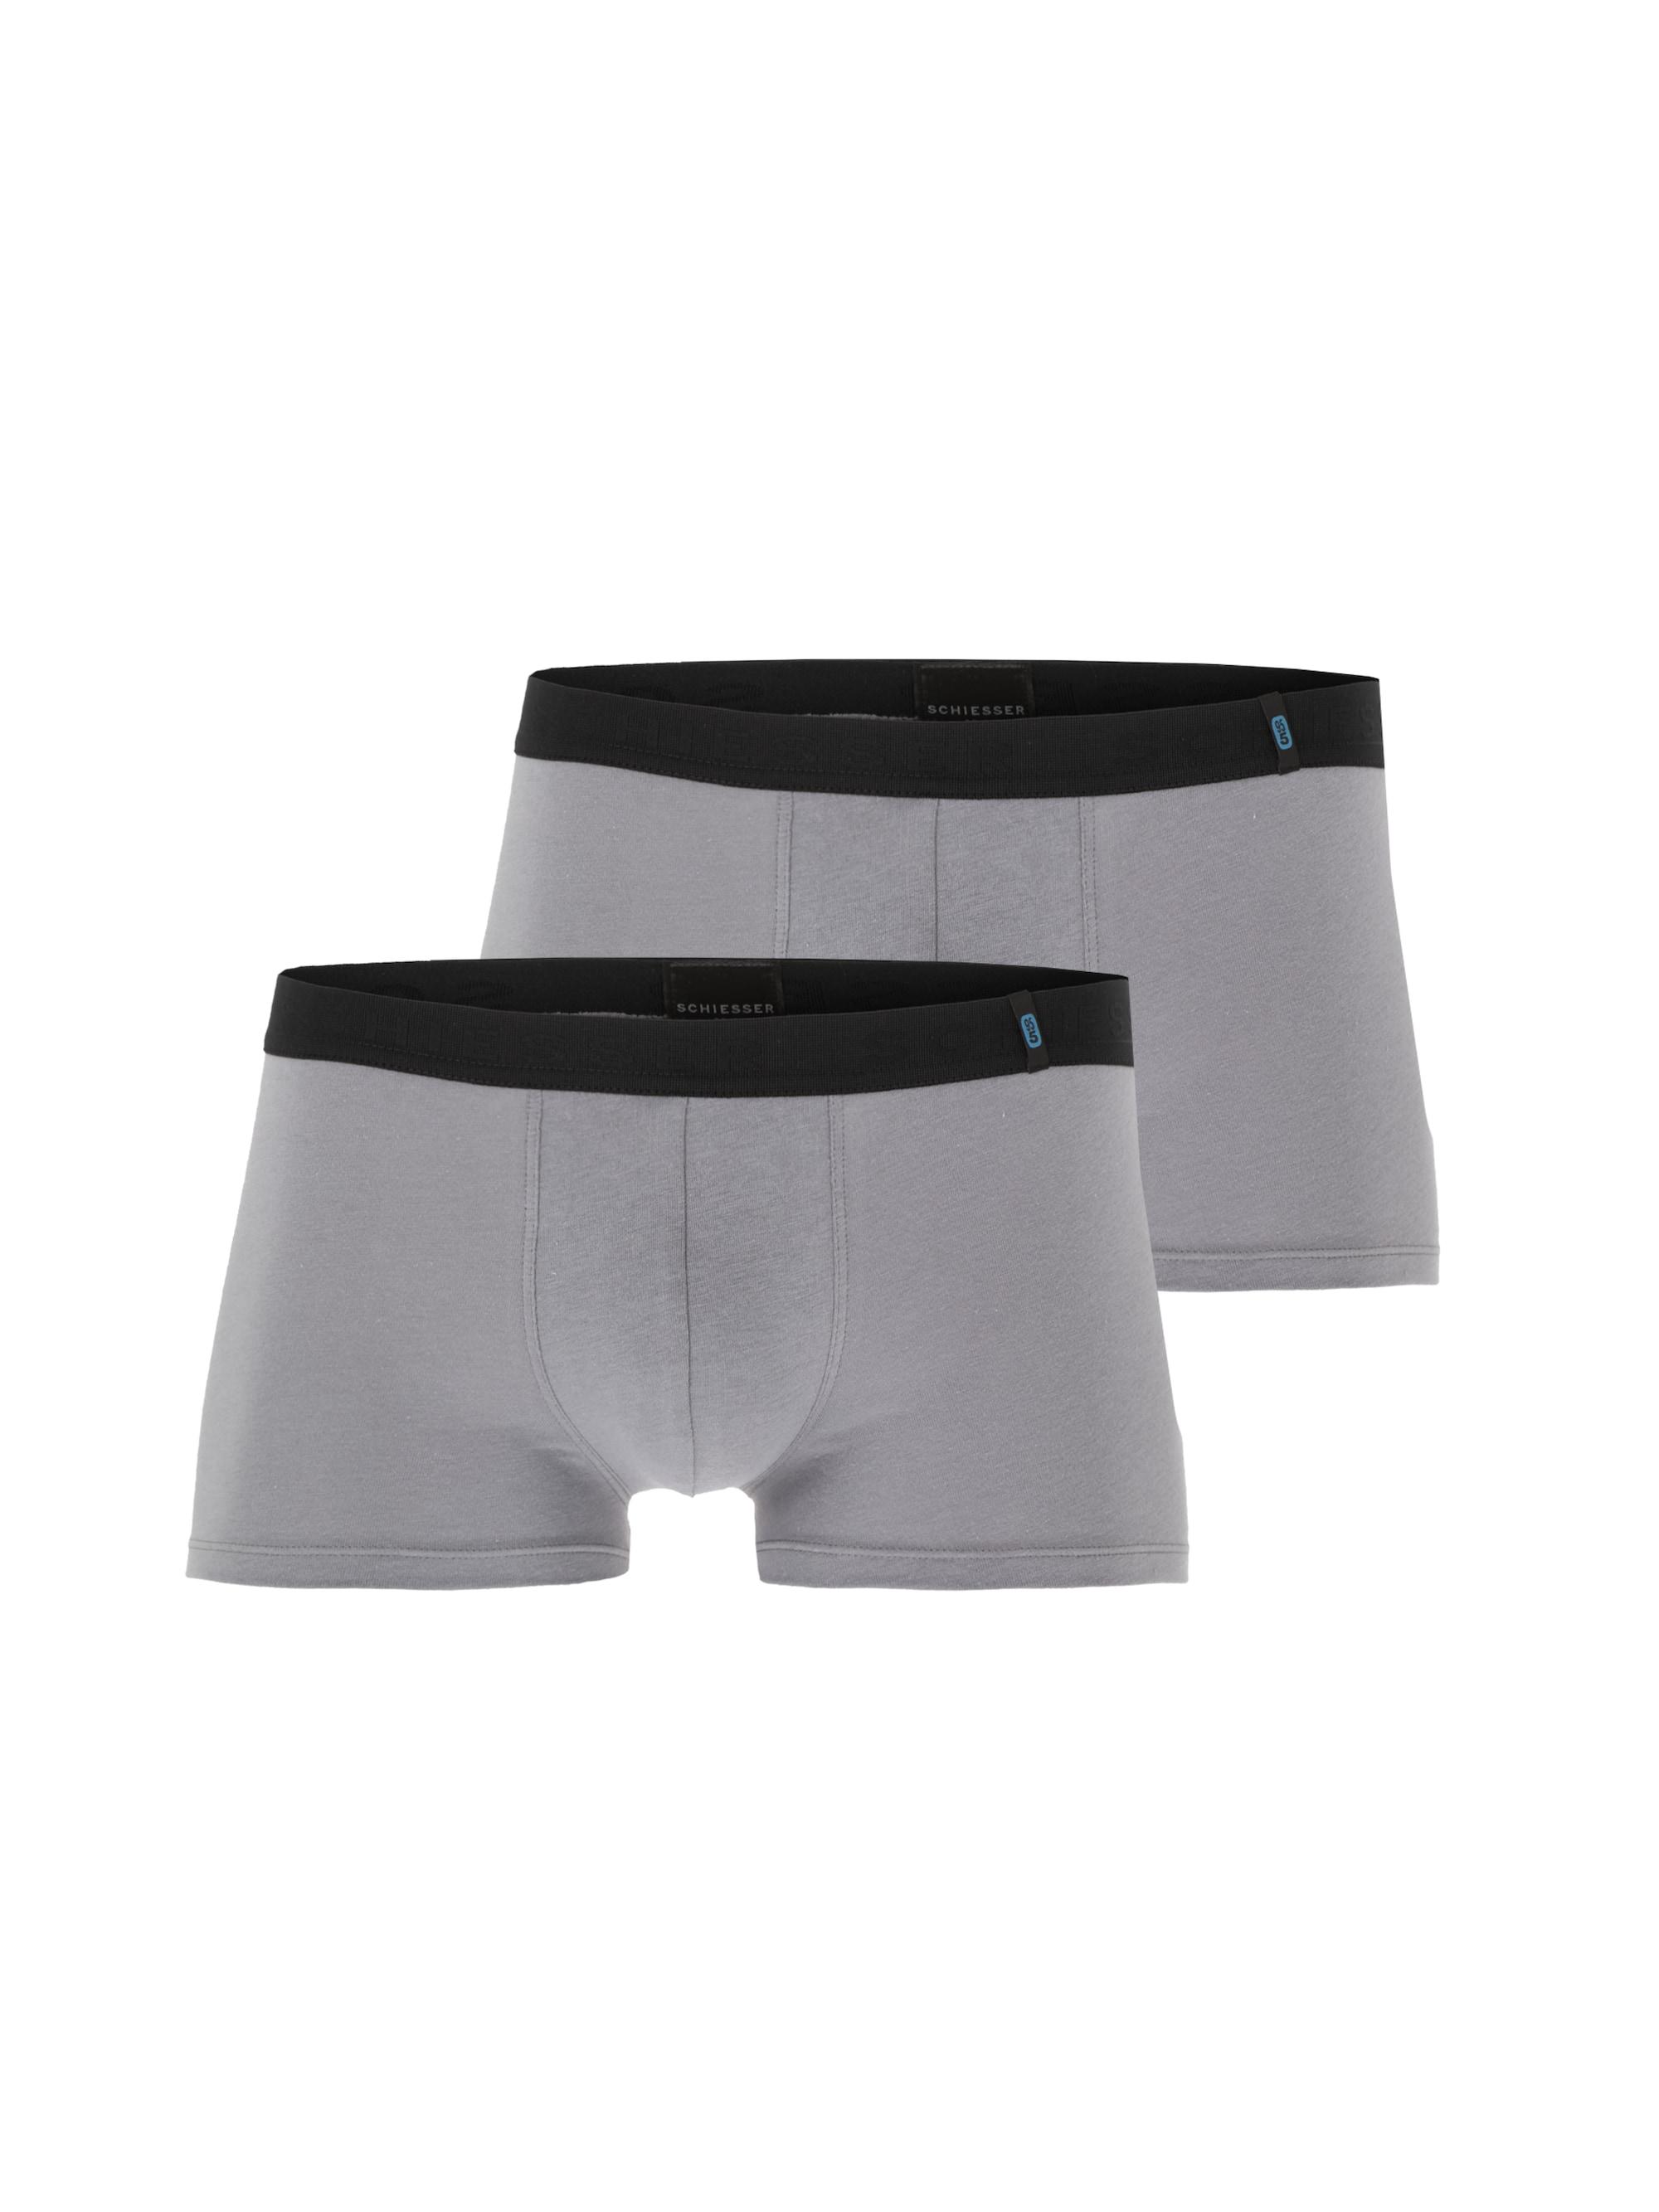 schiesser - Boxershorts (2er Pack)